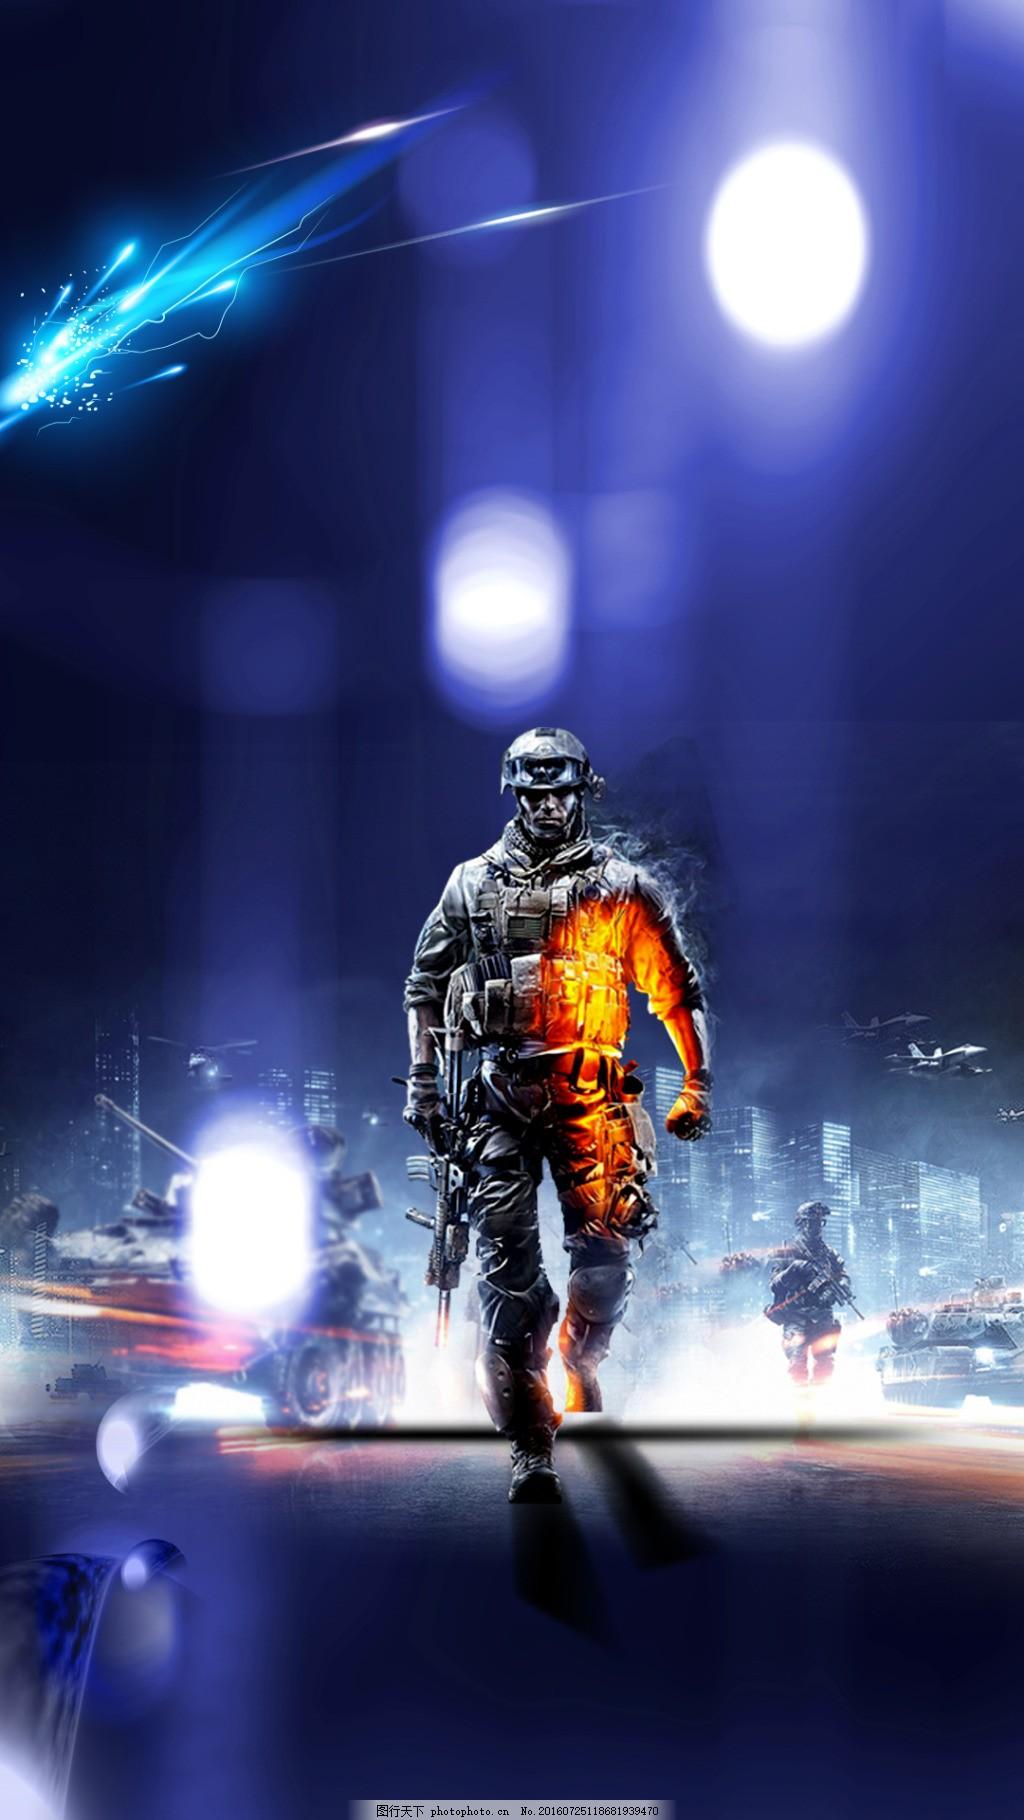 科技未来感炫酷战士h5背景素材psd 蓝色背景 士兵